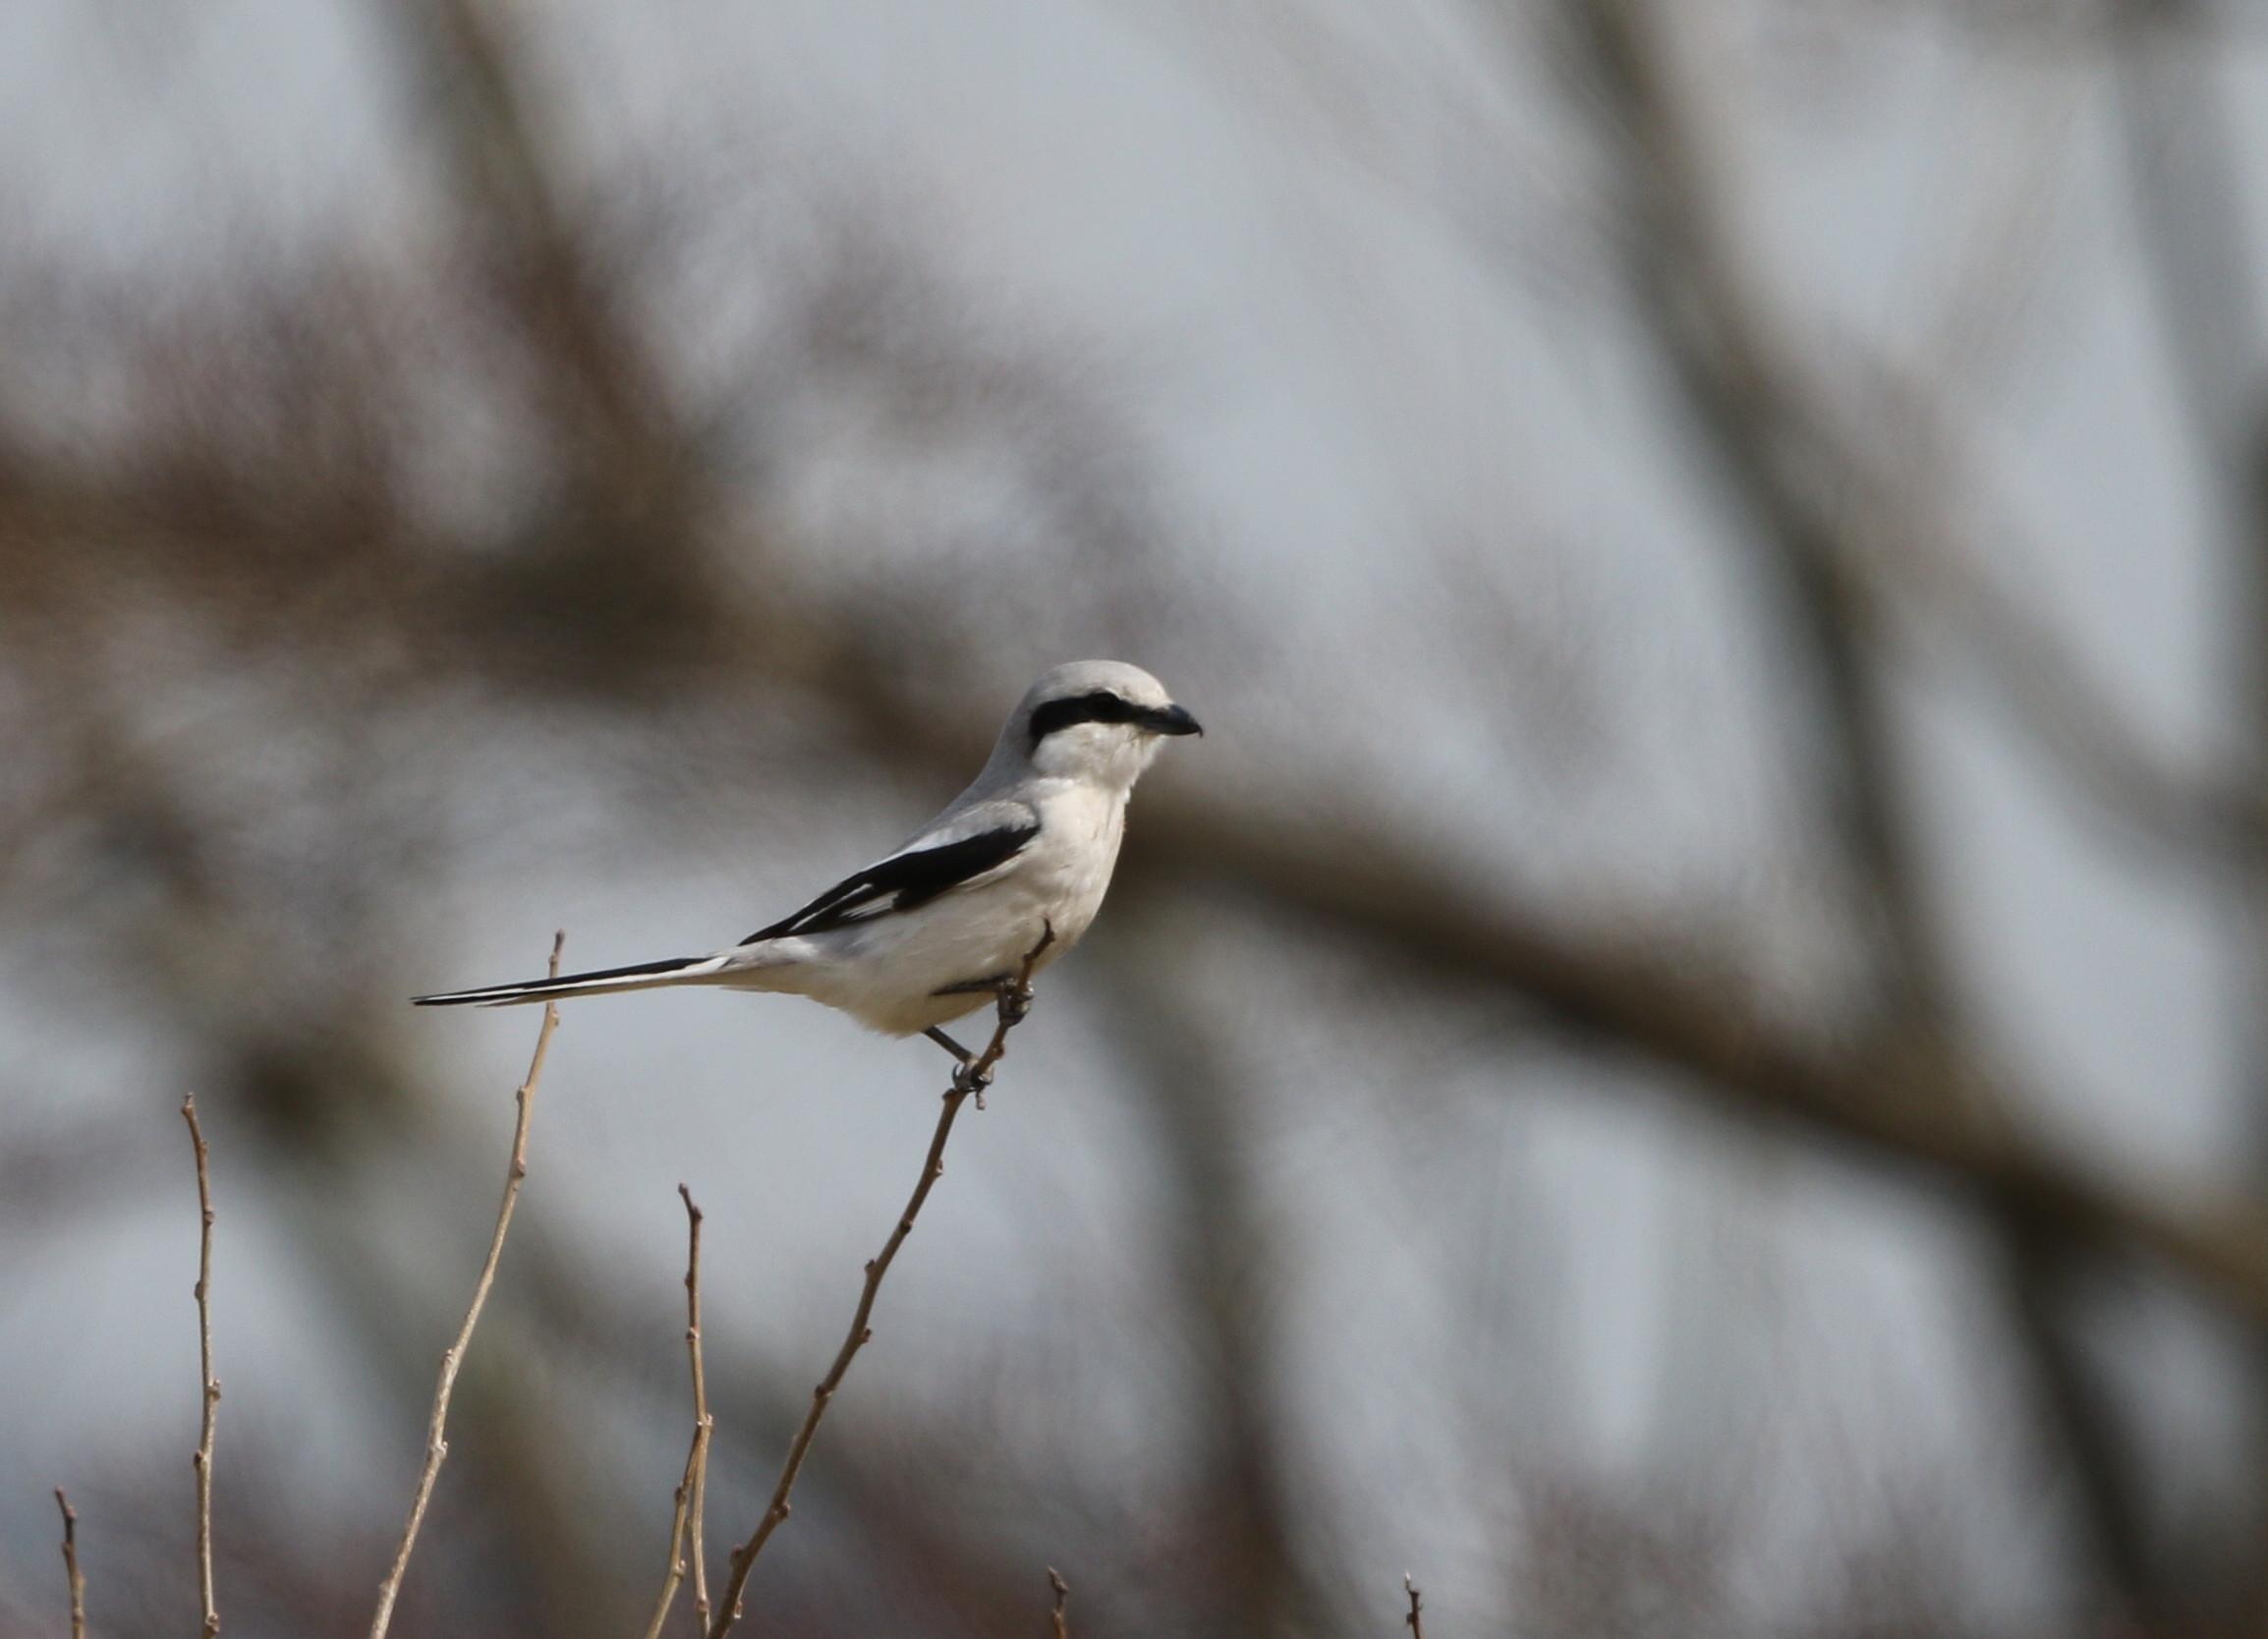 珍鳥オオカラモズに逢いに出かけてきました_f0239515_18371545.jpg